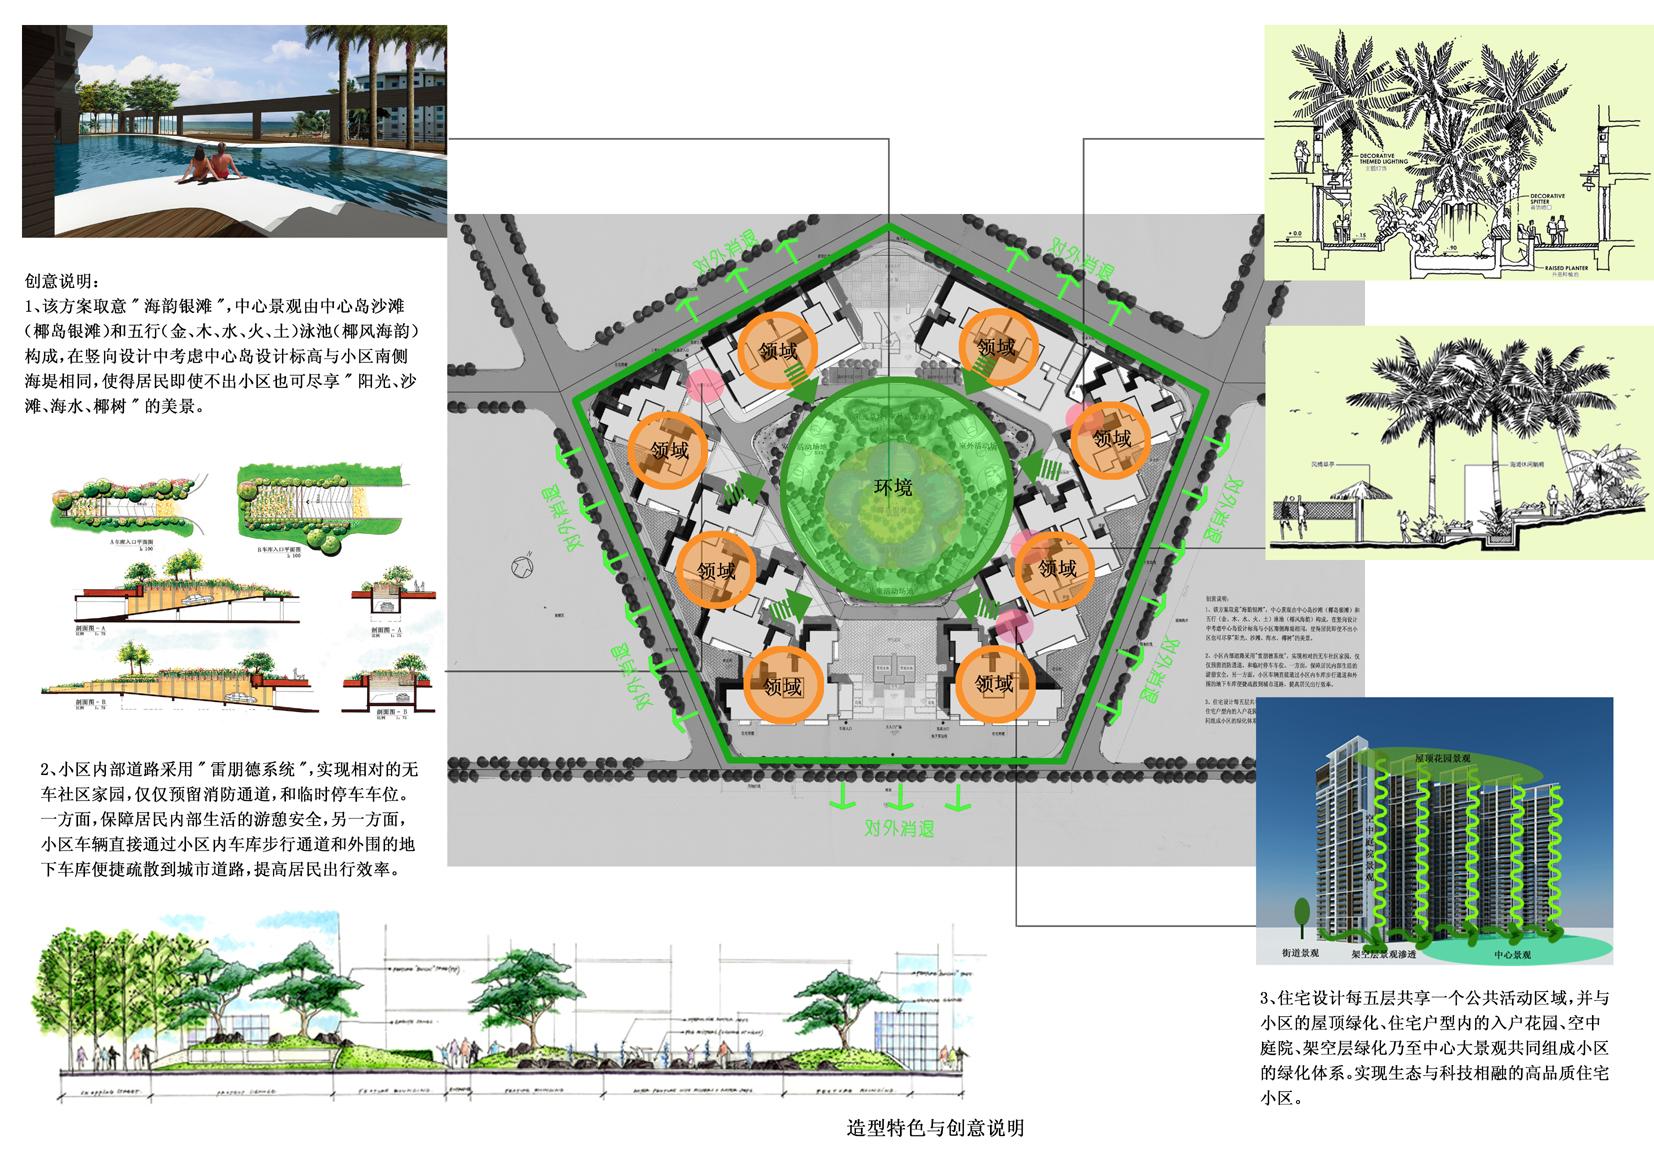 景观设计总平面+功能分区+造型特色+创意说